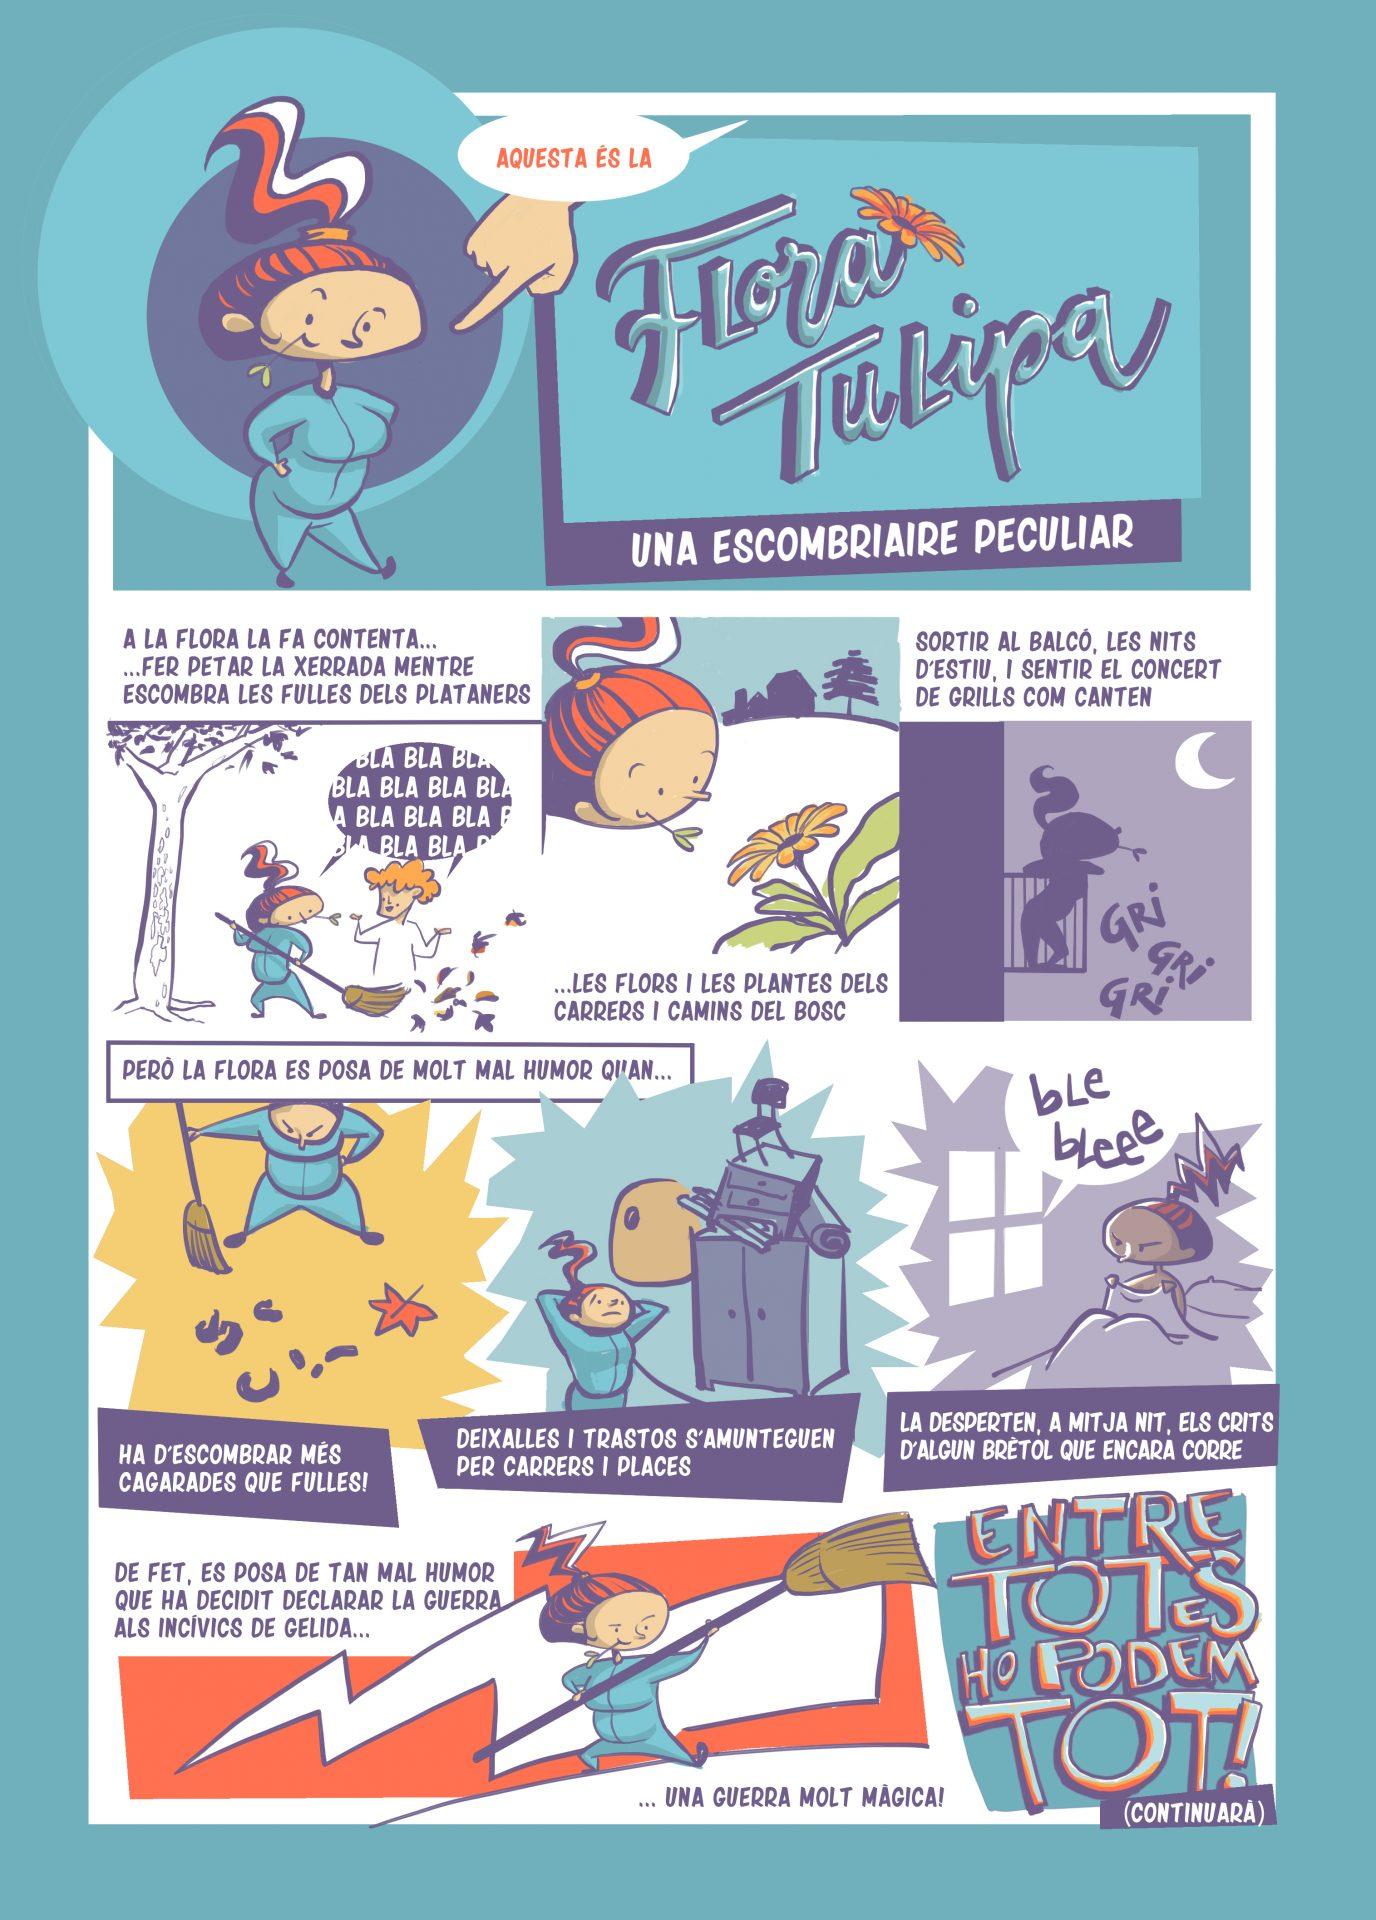 Còmic de presentació de la personatge Flora Tulipa